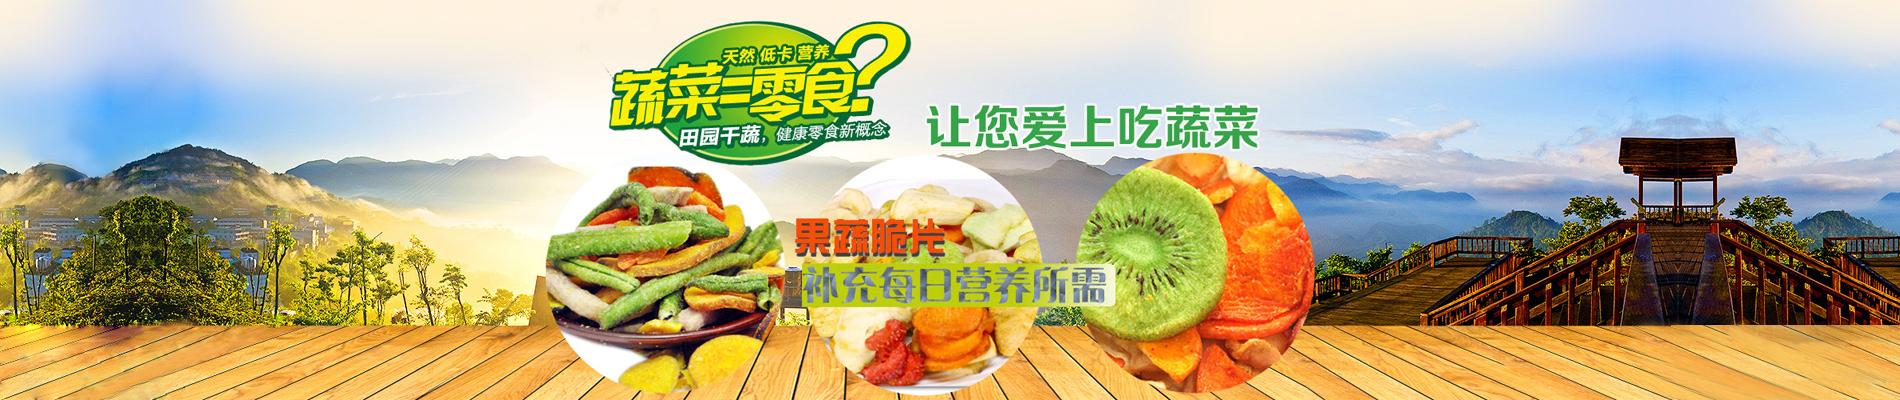 中国果蔬干交易网